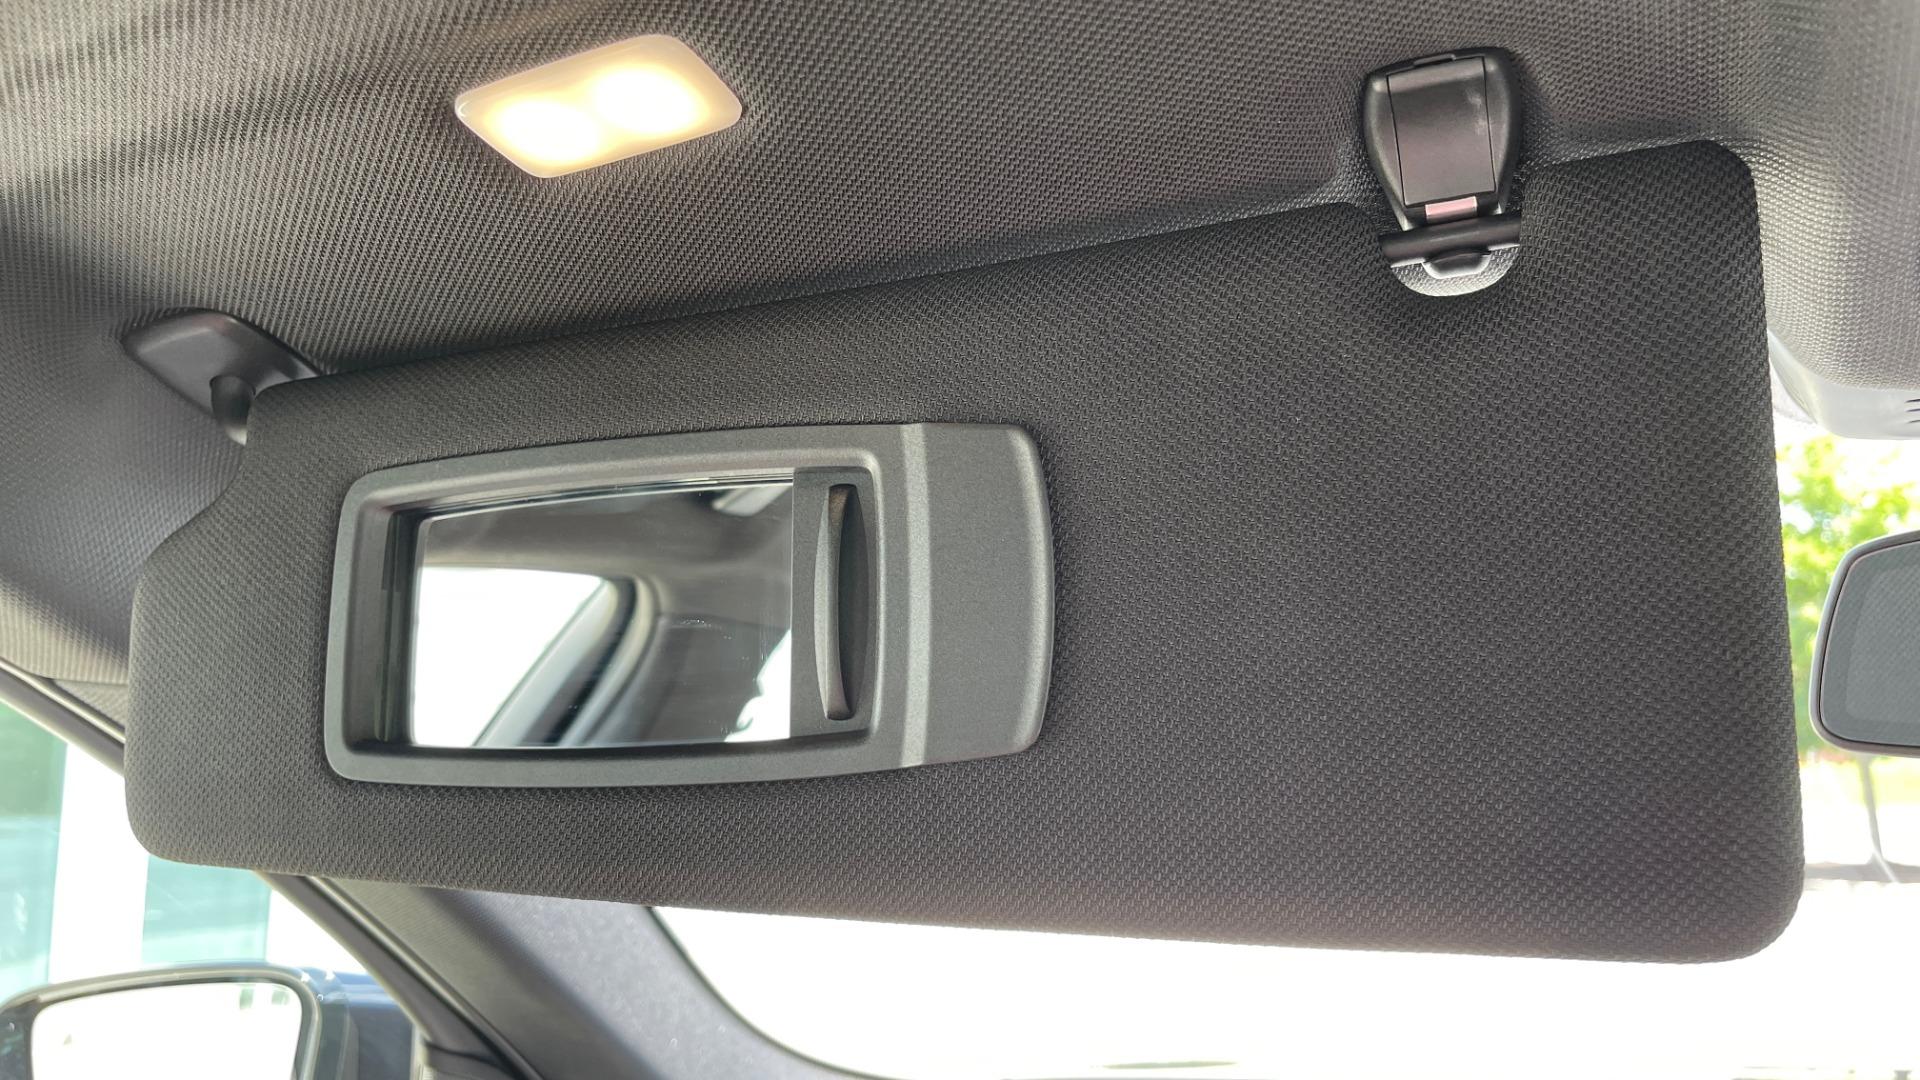 Used 2018 BMW 5 SERIES 540I M-SPORT / EXECUTIVE PKG / DRVR ASST PKG / BLIND SPOT / LANE DEPART for sale $40,995 at Formula Imports in Charlotte NC 28227 49